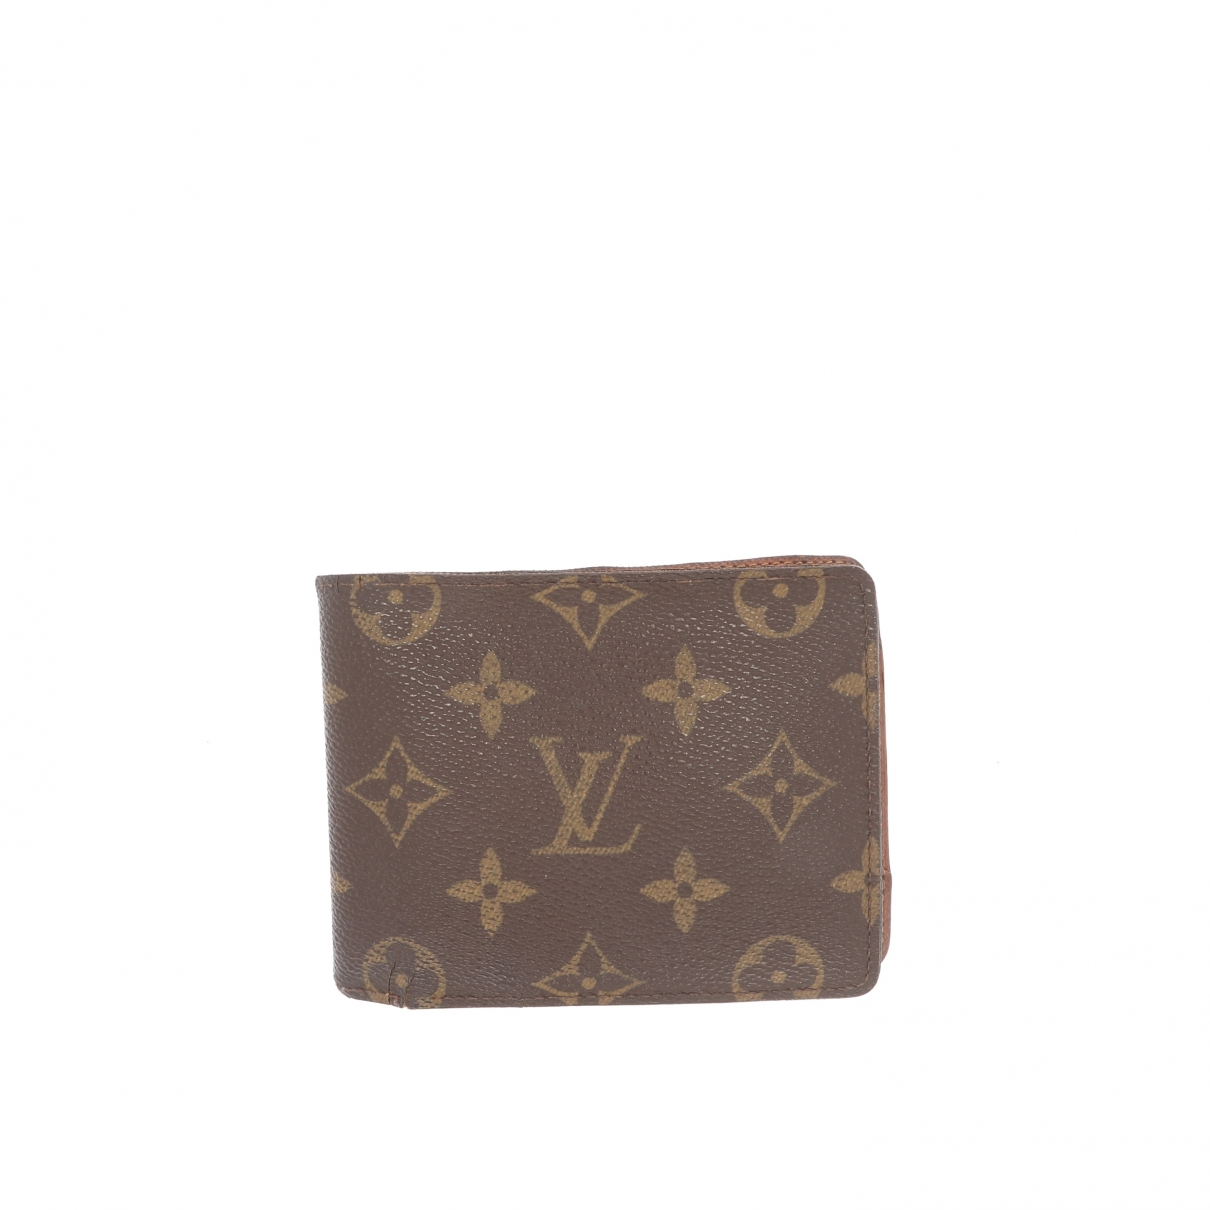 Louis Vuitton \N Portemonnaie in  Braun Leinen